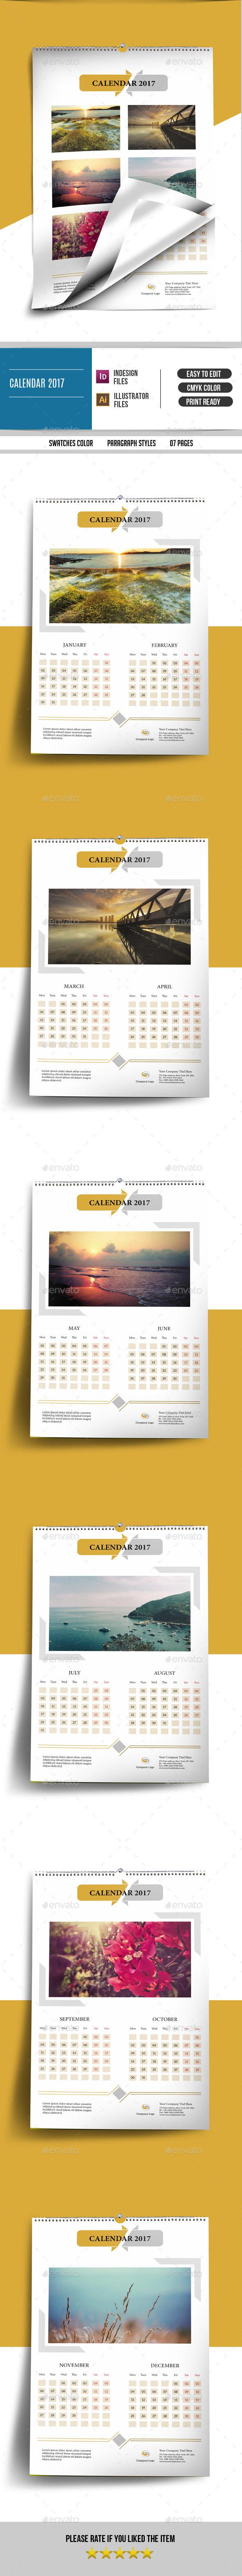 Wall Calendar for 2017 -V20 - Calendars Stationery